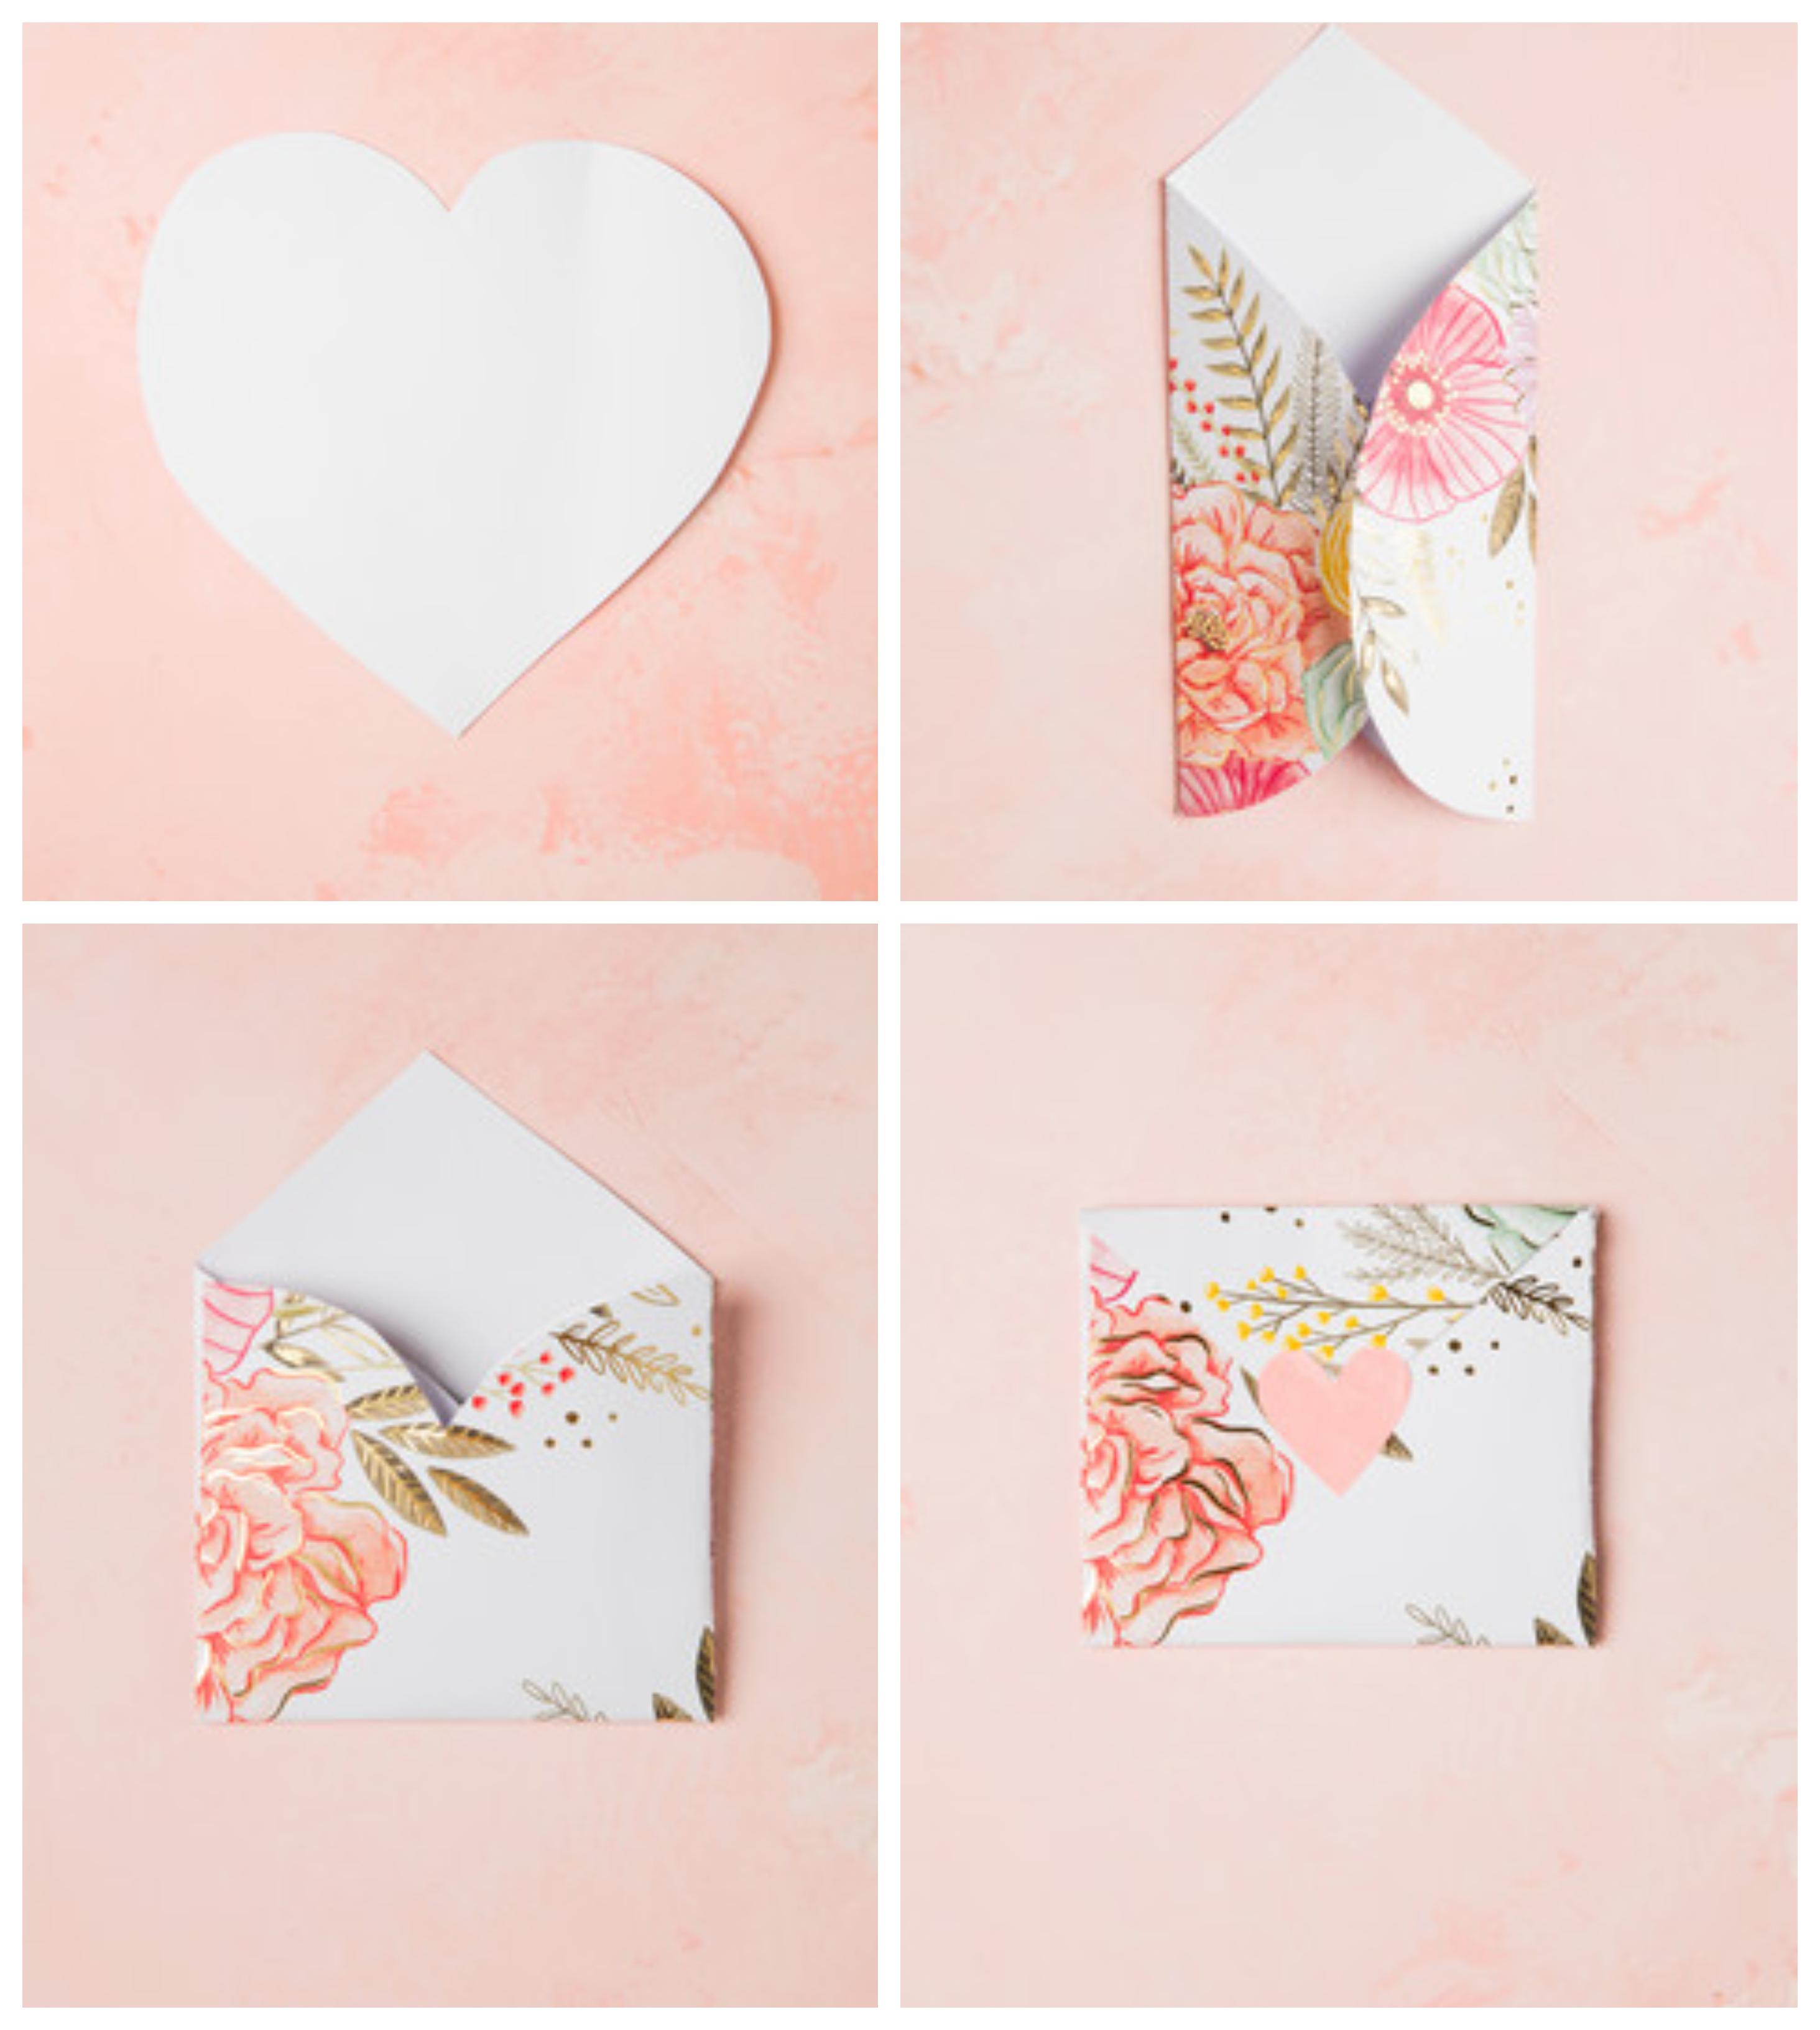 regalos san valentin hechos a mano con tutoriales paso a paso, cómo hacer un bonito sobre de papel